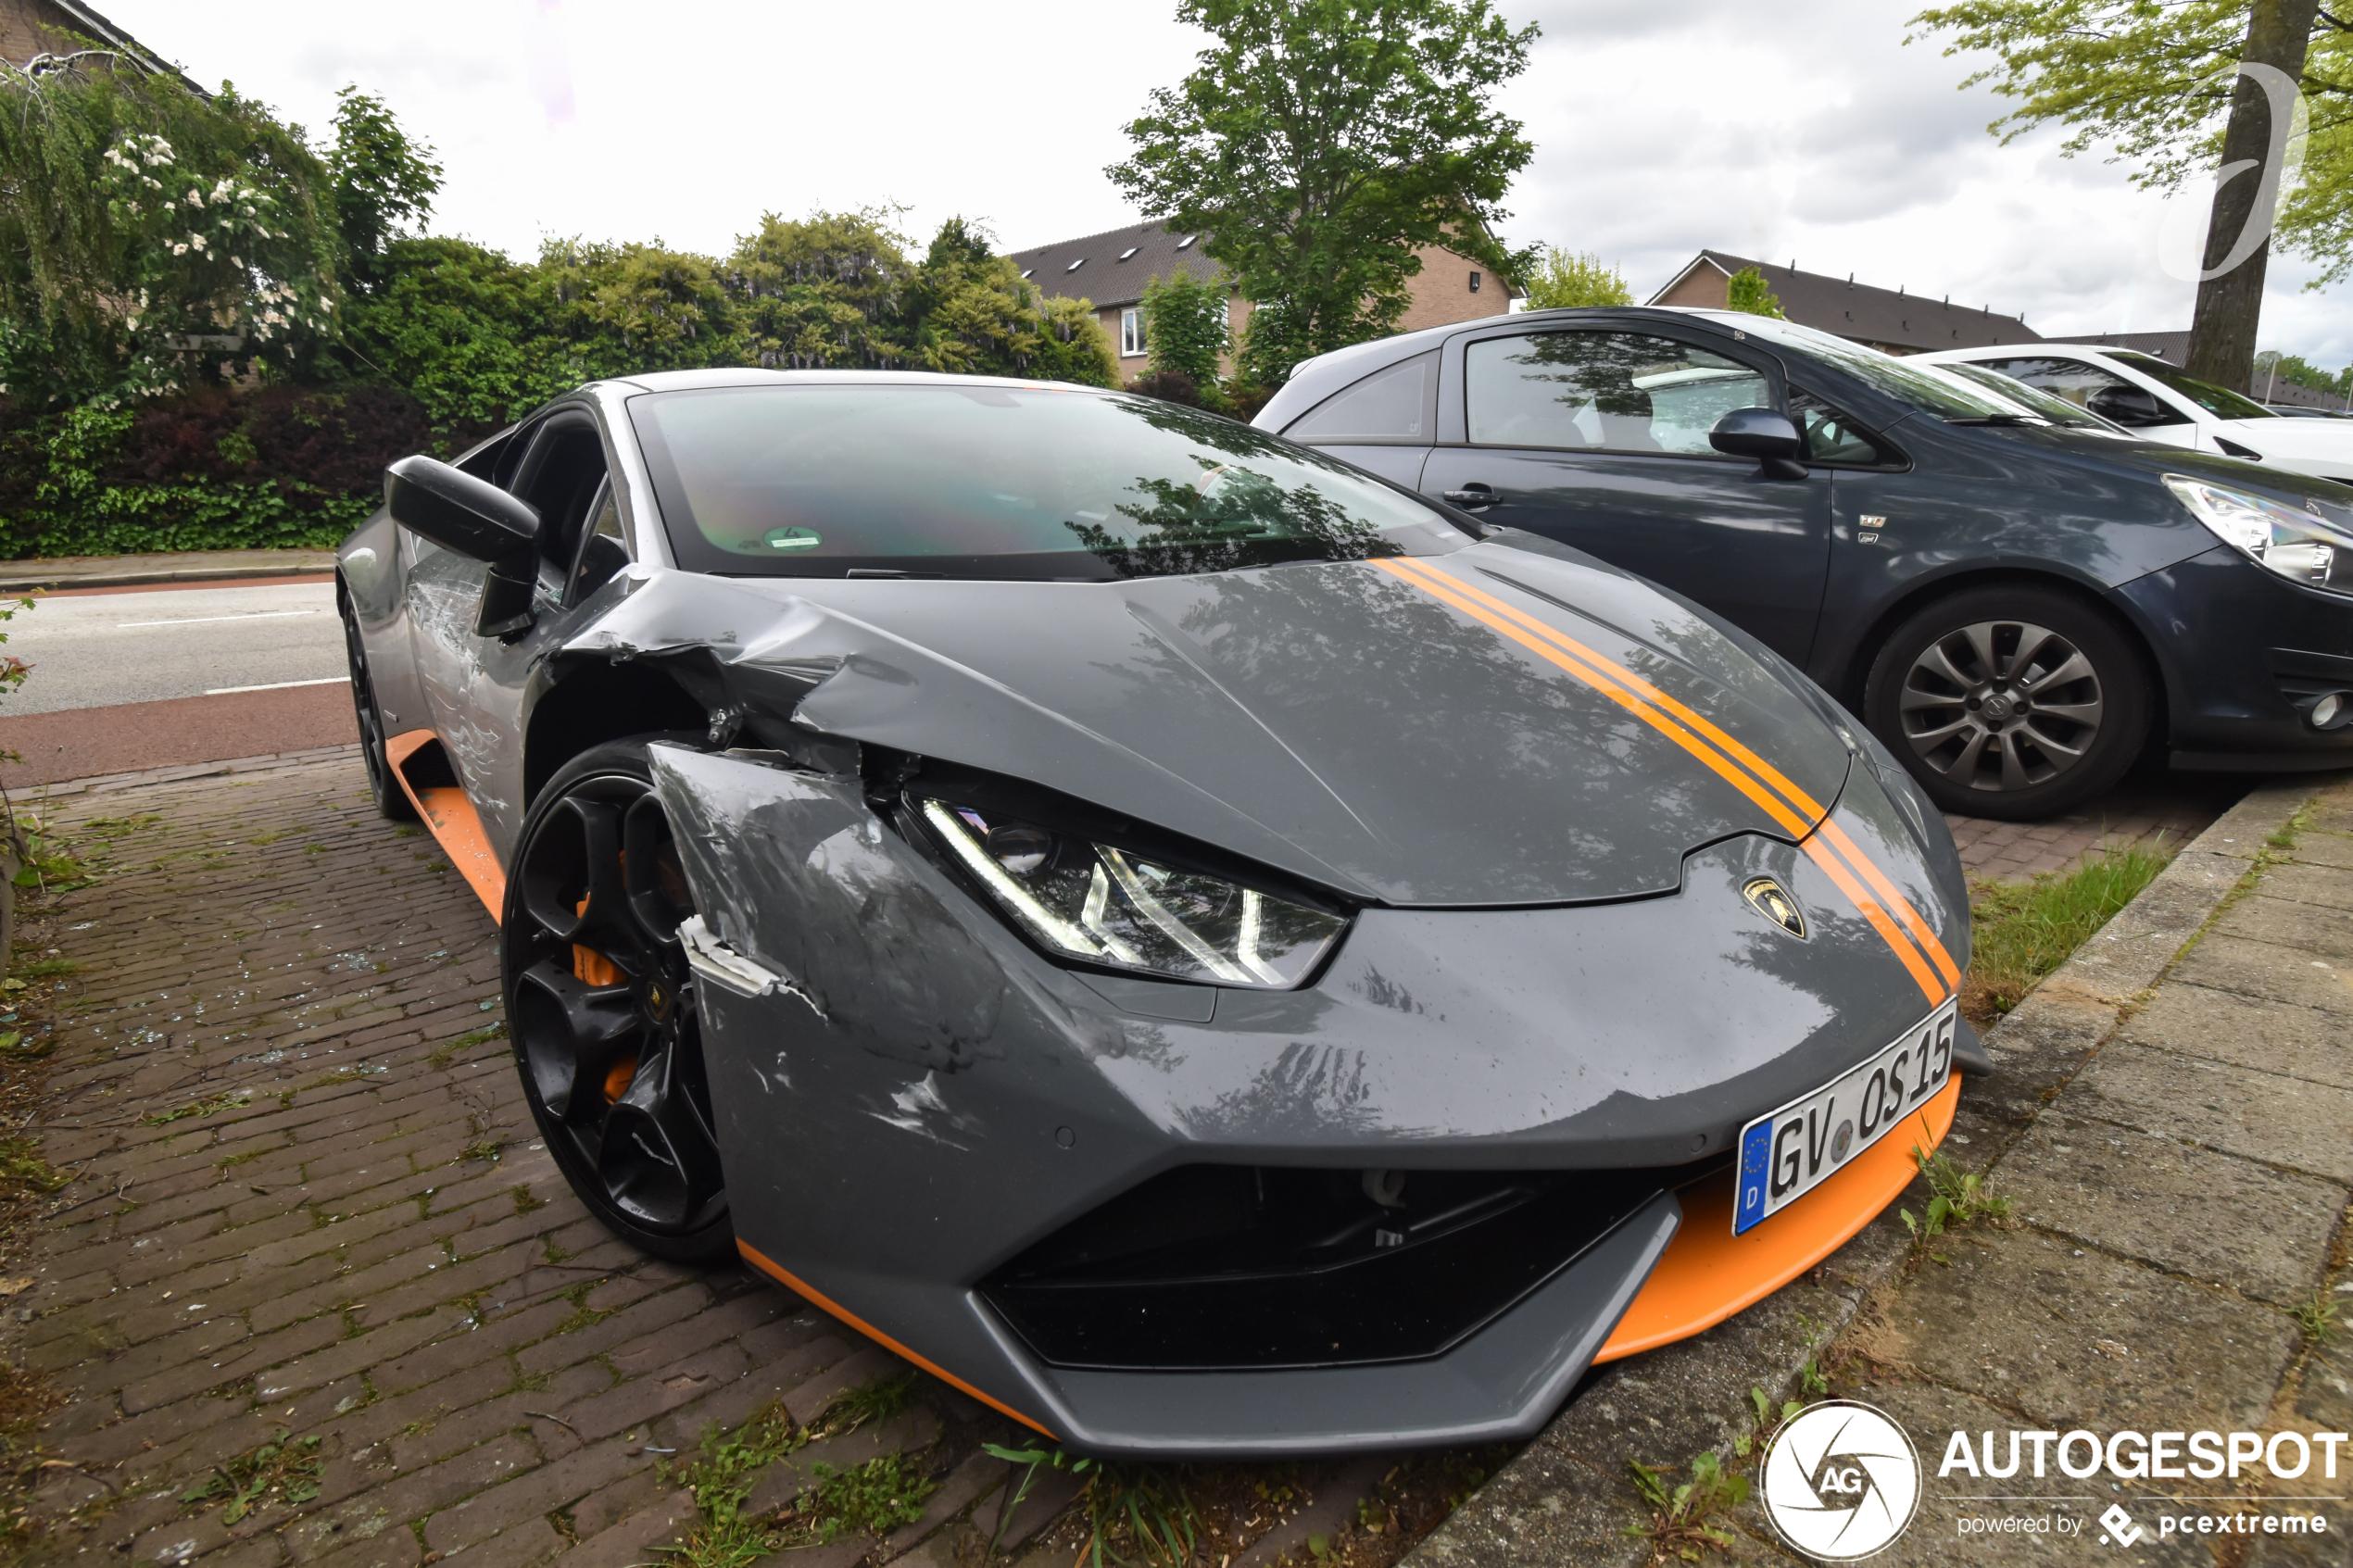 Lamborghini's worden met enorme kater wakker na trouwerij